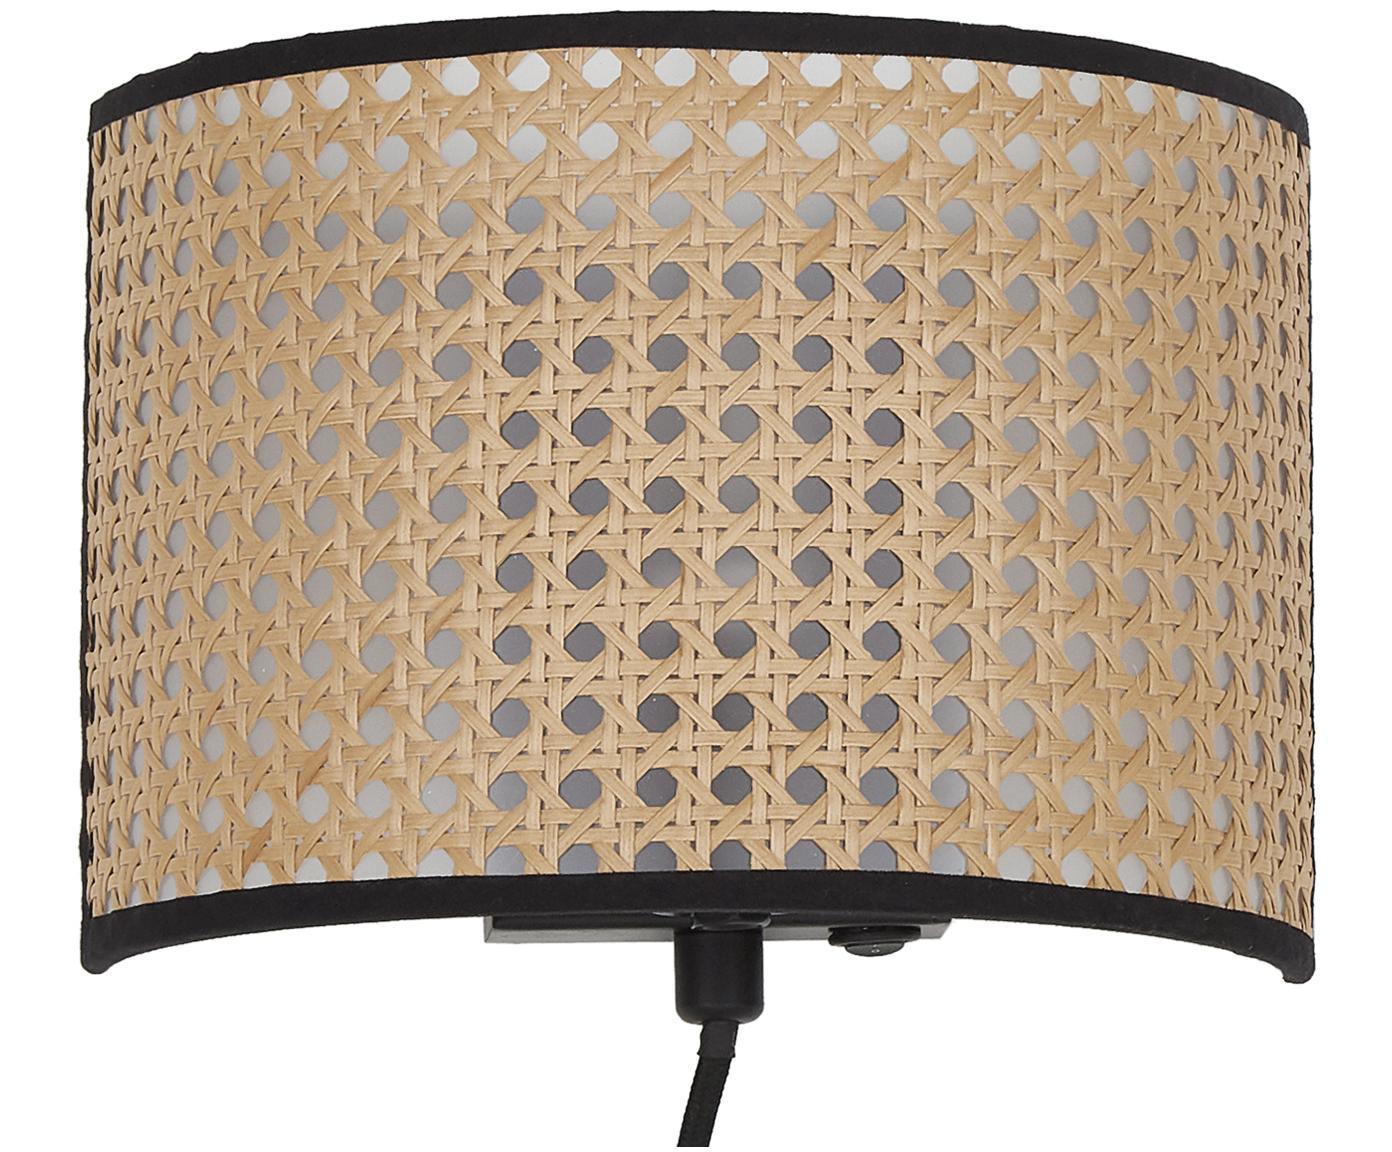 Wandlamp Vienna, DEQ19WES66489-151193, Lampenkap: beige, zwart Lampframe: mat zwart, 22 x 16 cm